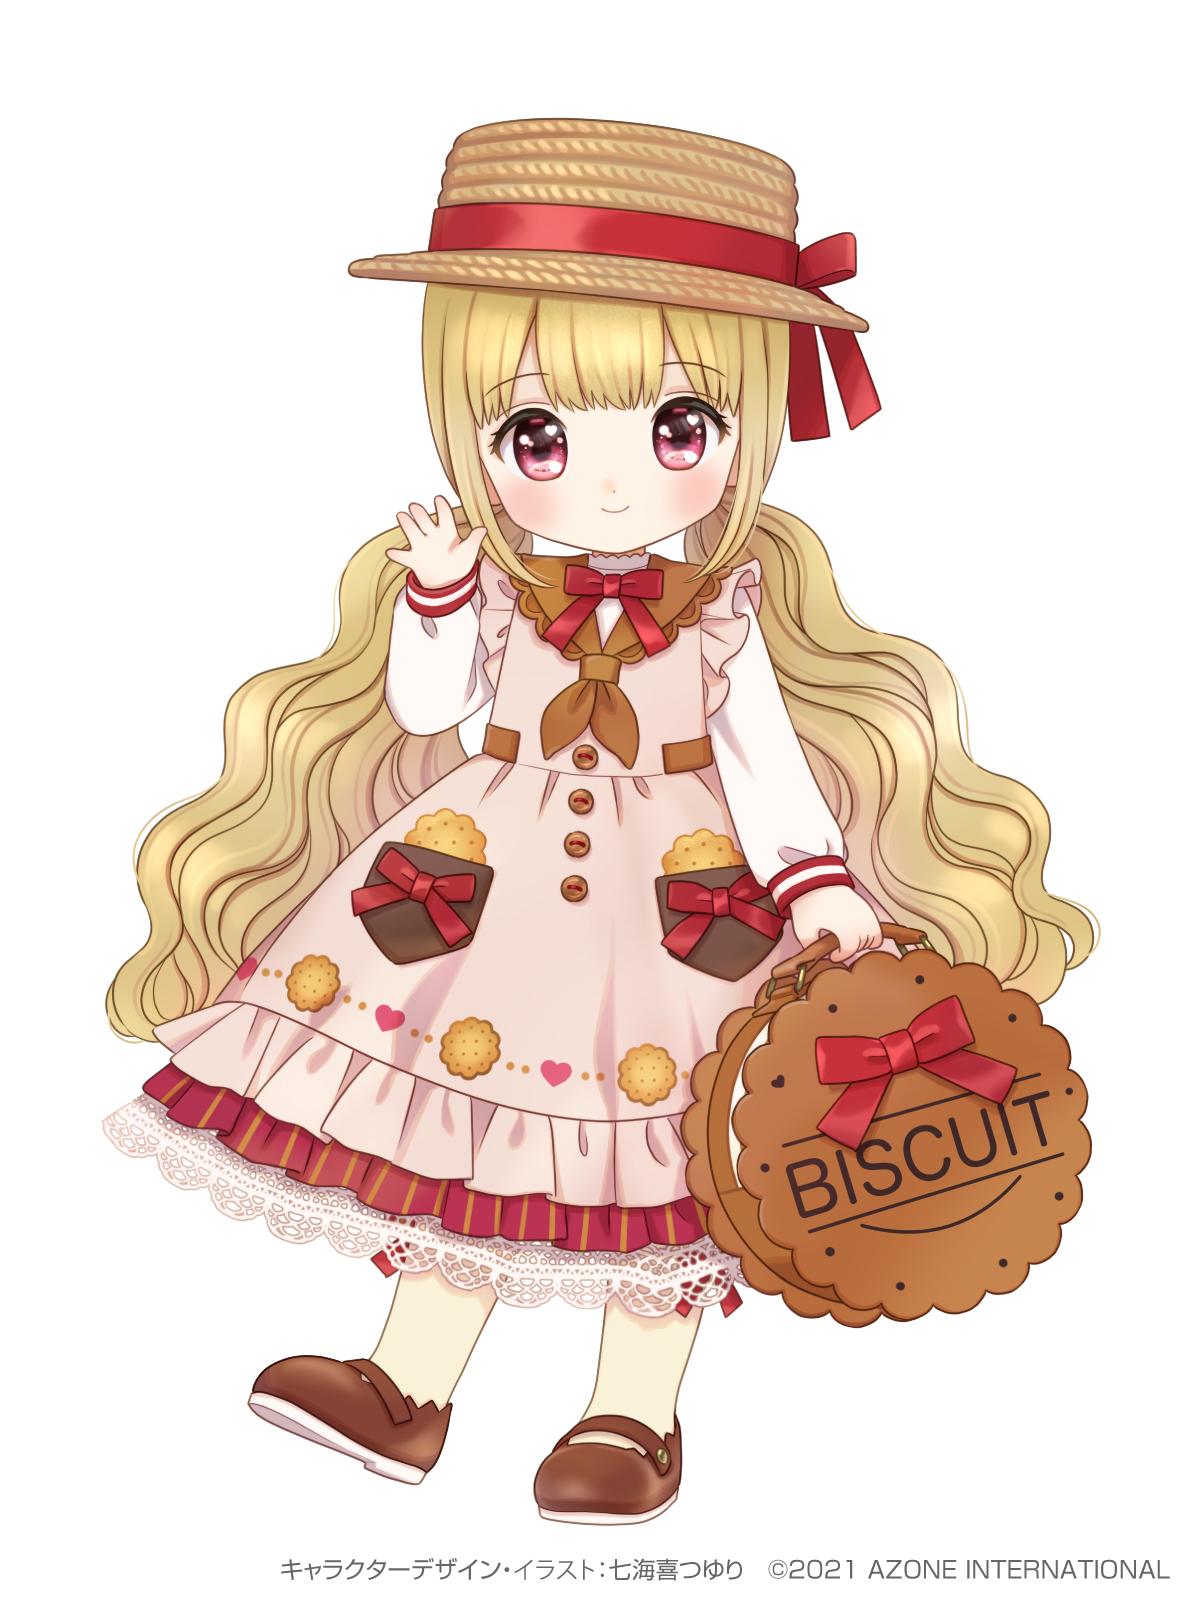 【限定販売】SugarCups(シュガーカップス)『ビスケティーナ ~Welcome to Sugar Cup Wonderland!~(アゾンダイレクトストア限定販売 ver.)』ピコニーモP 完成品ドール-004